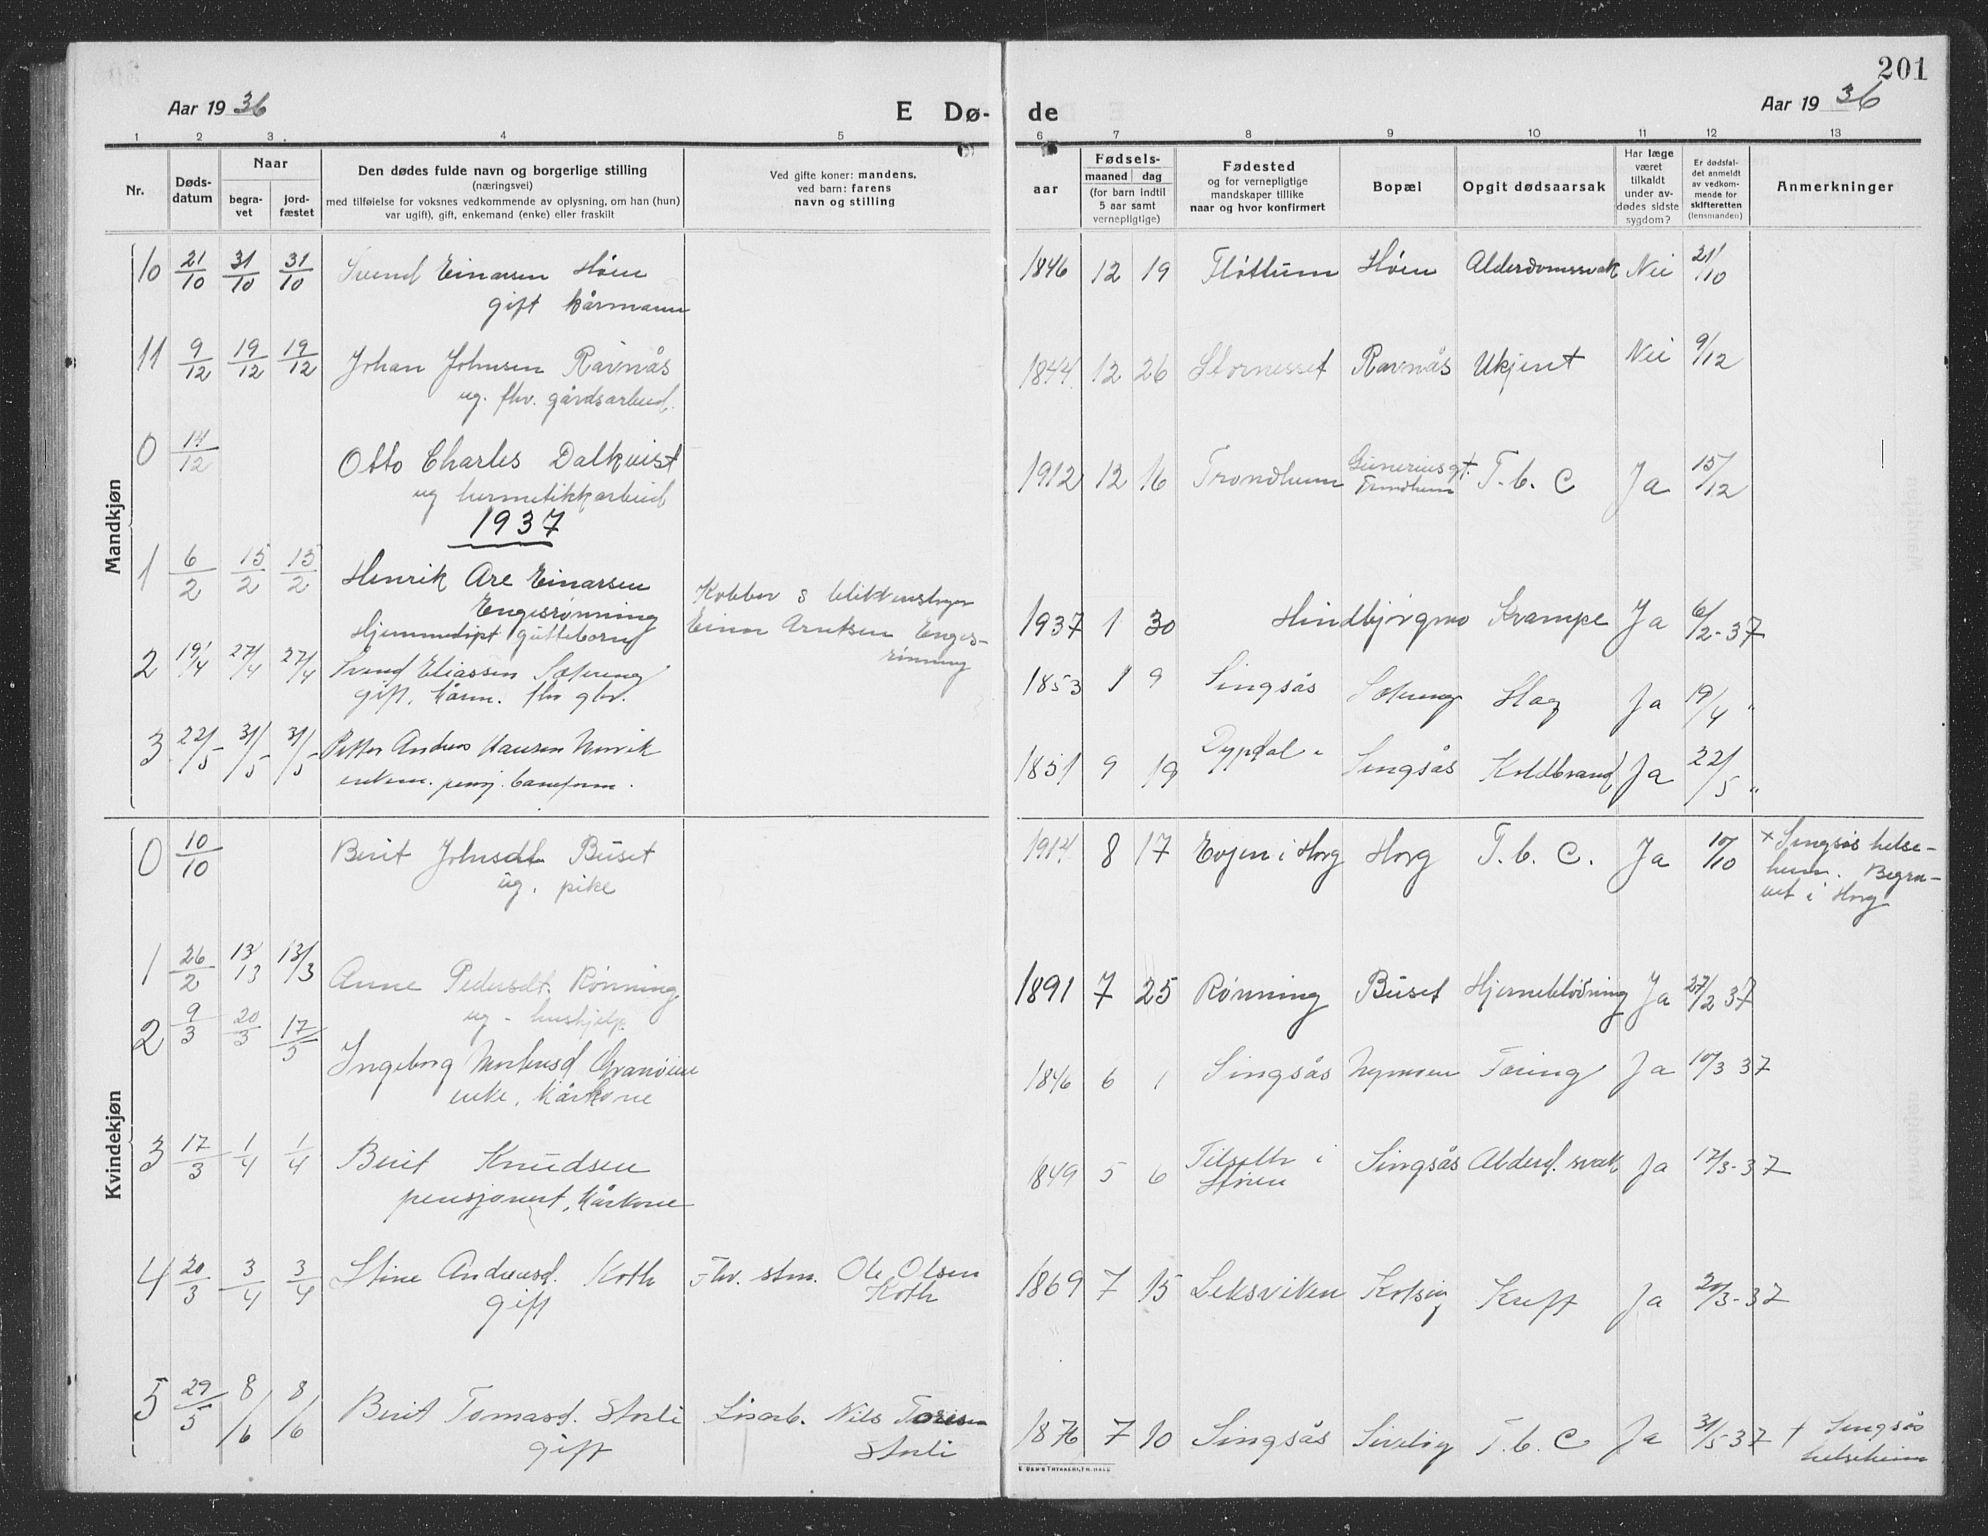 SAT, Ministerialprotokoller, klokkerbøker og fødselsregistre - Sør-Trøndelag, 688/L1030: Klokkerbok nr. 688C05, 1916-1939, s. 201